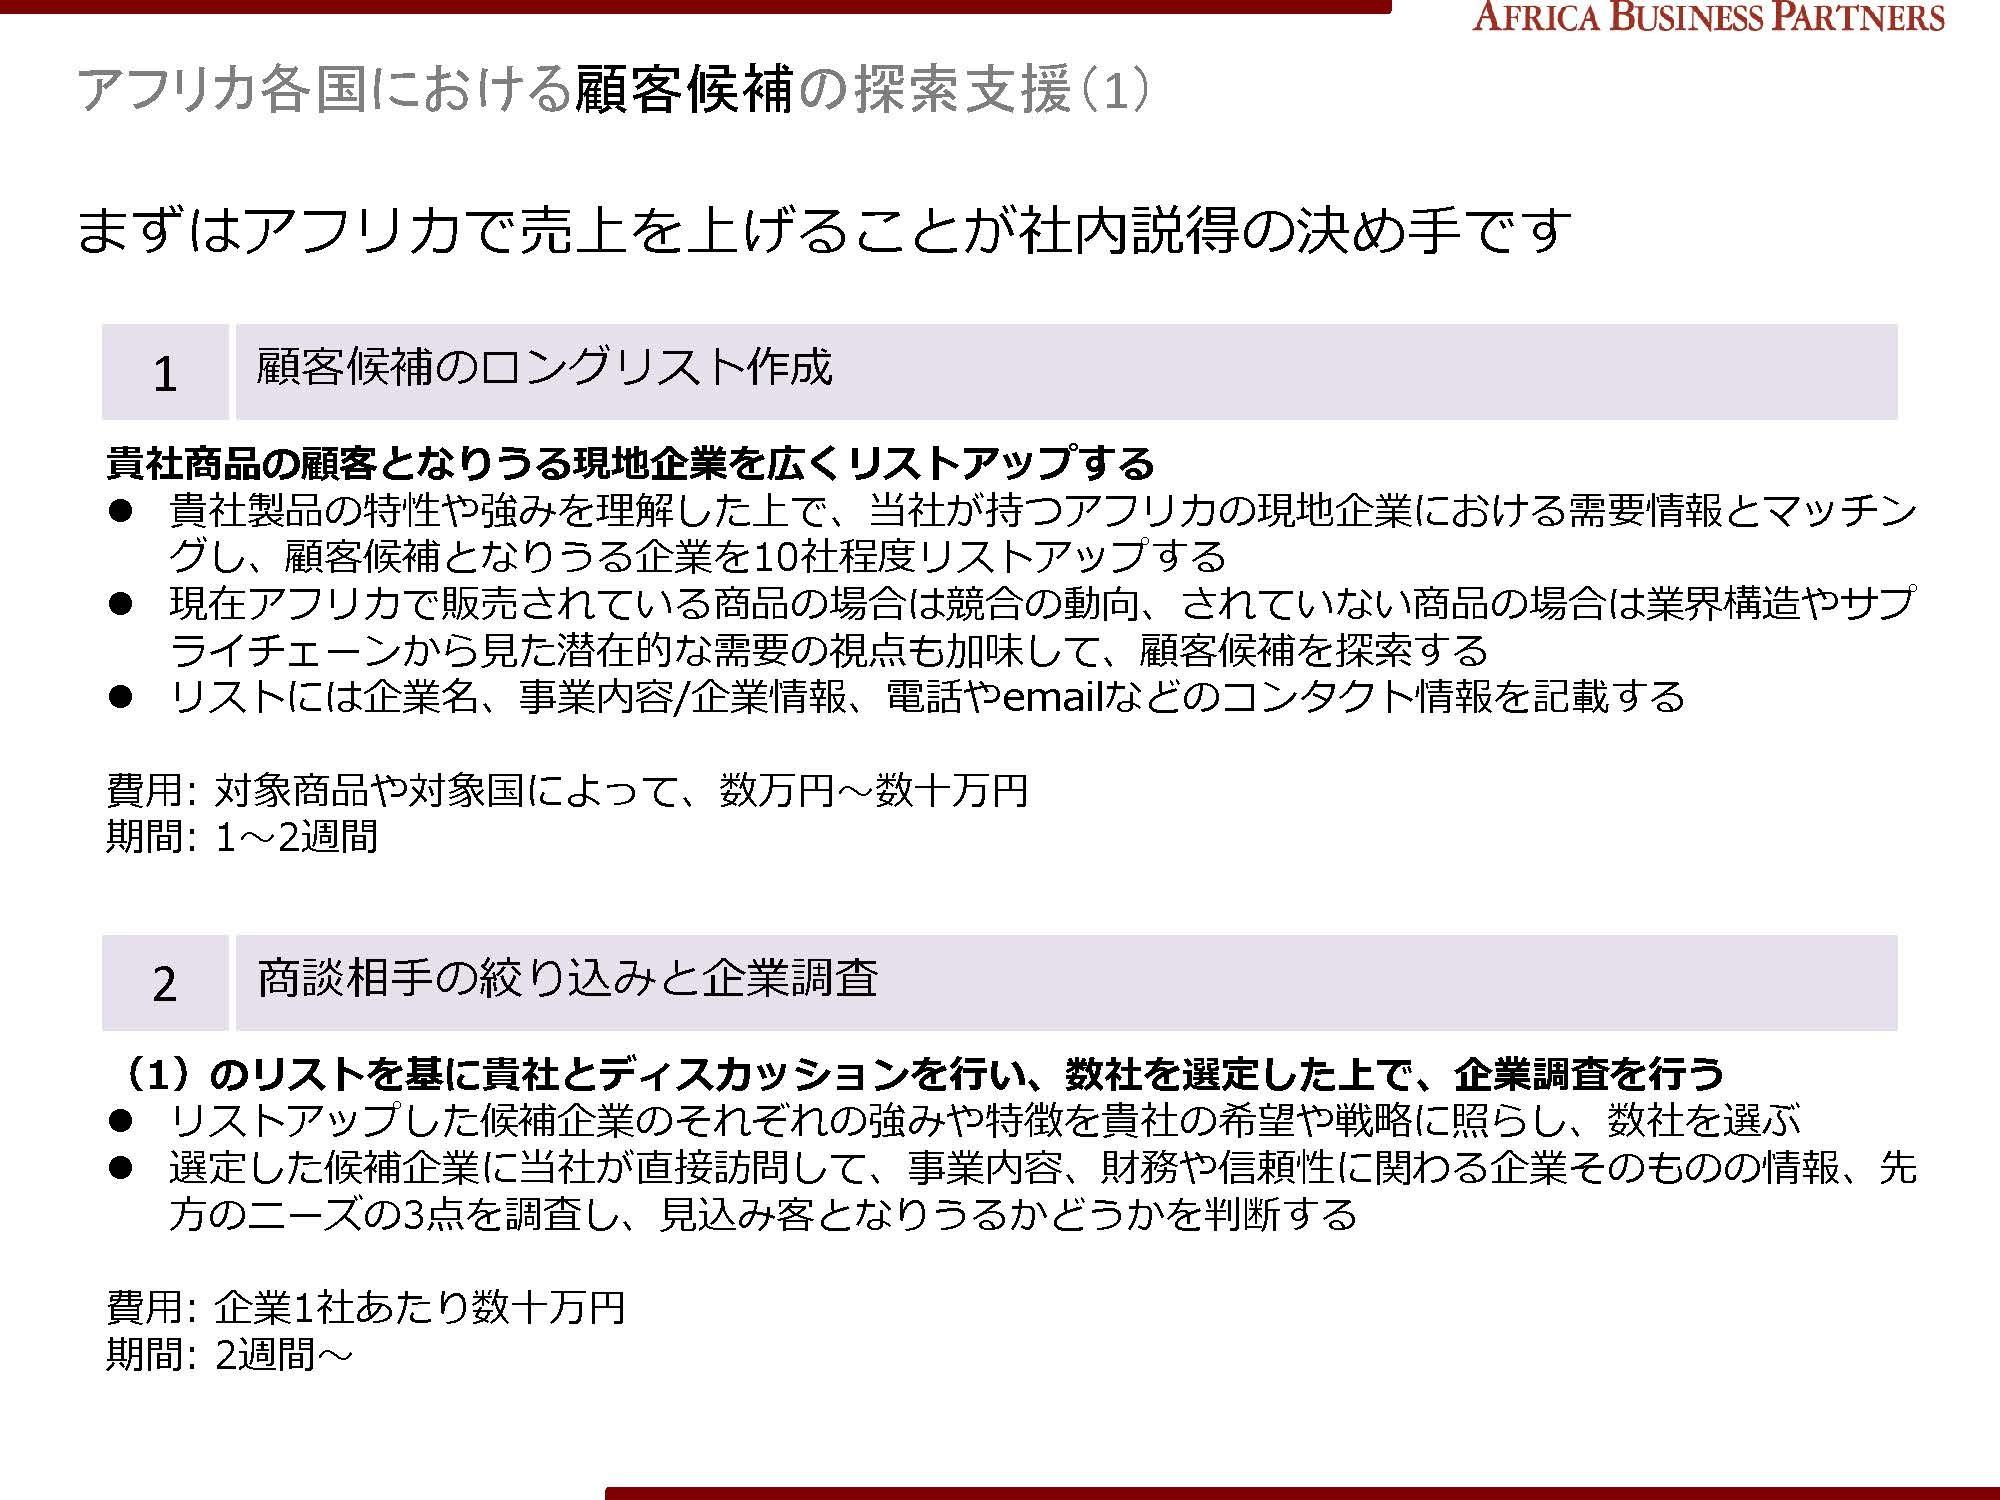 https://abp.co.jp/news/uploads/20200527192439.jpg